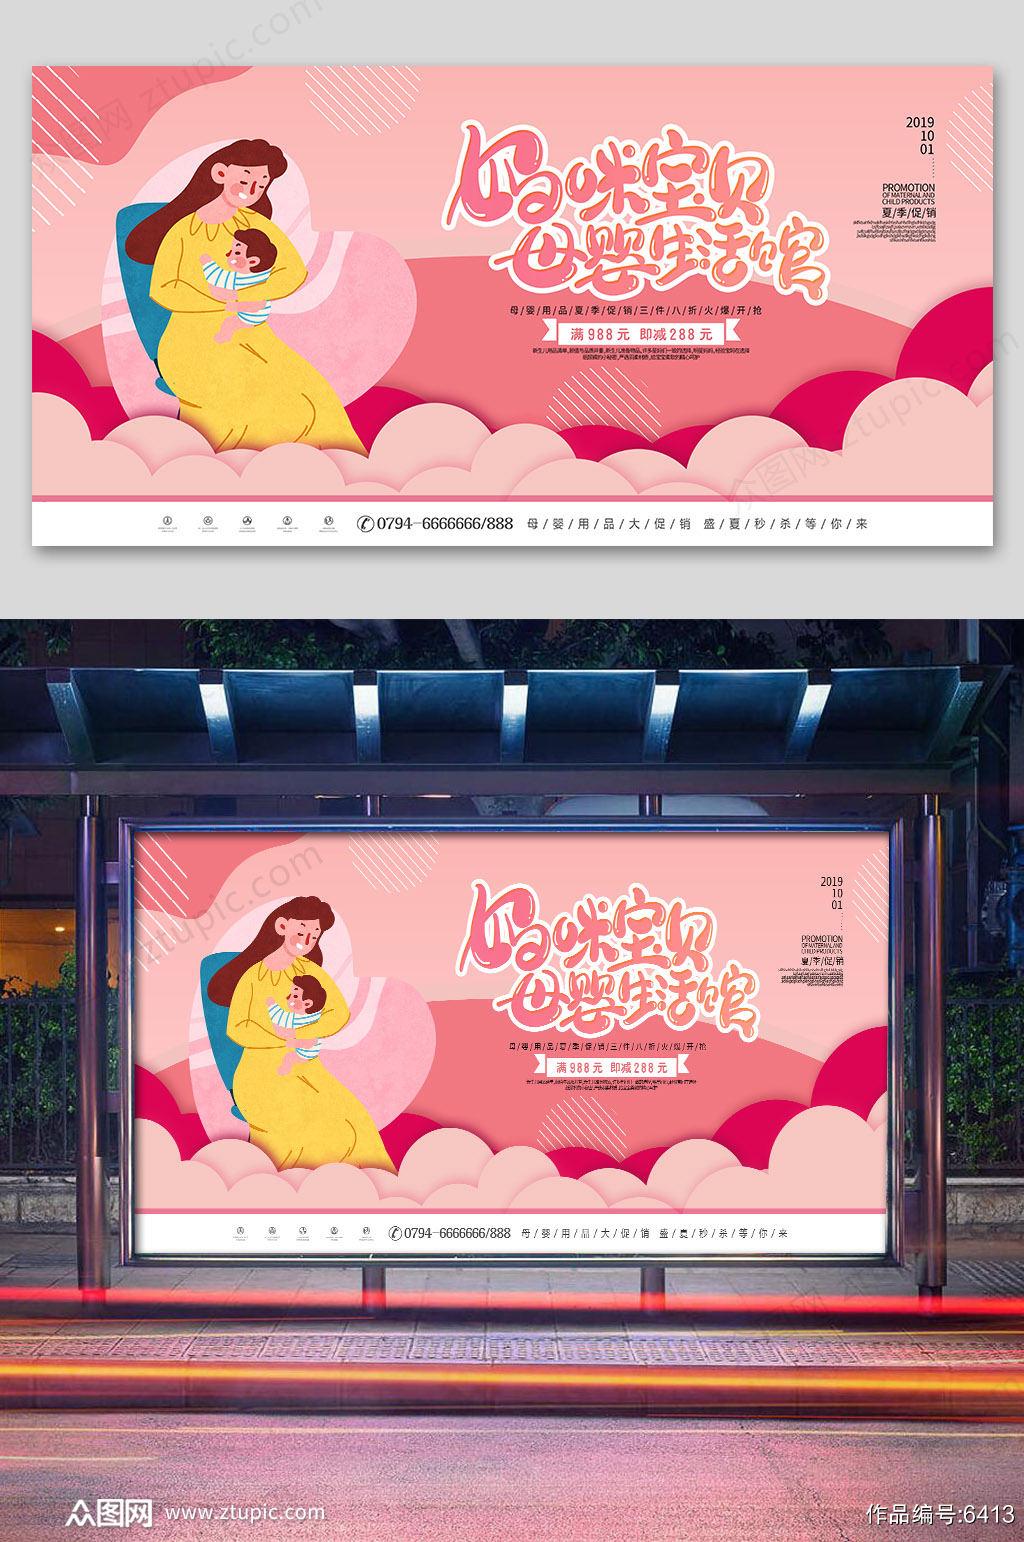 粉色简约扁平化手绘母婴用品海报素材